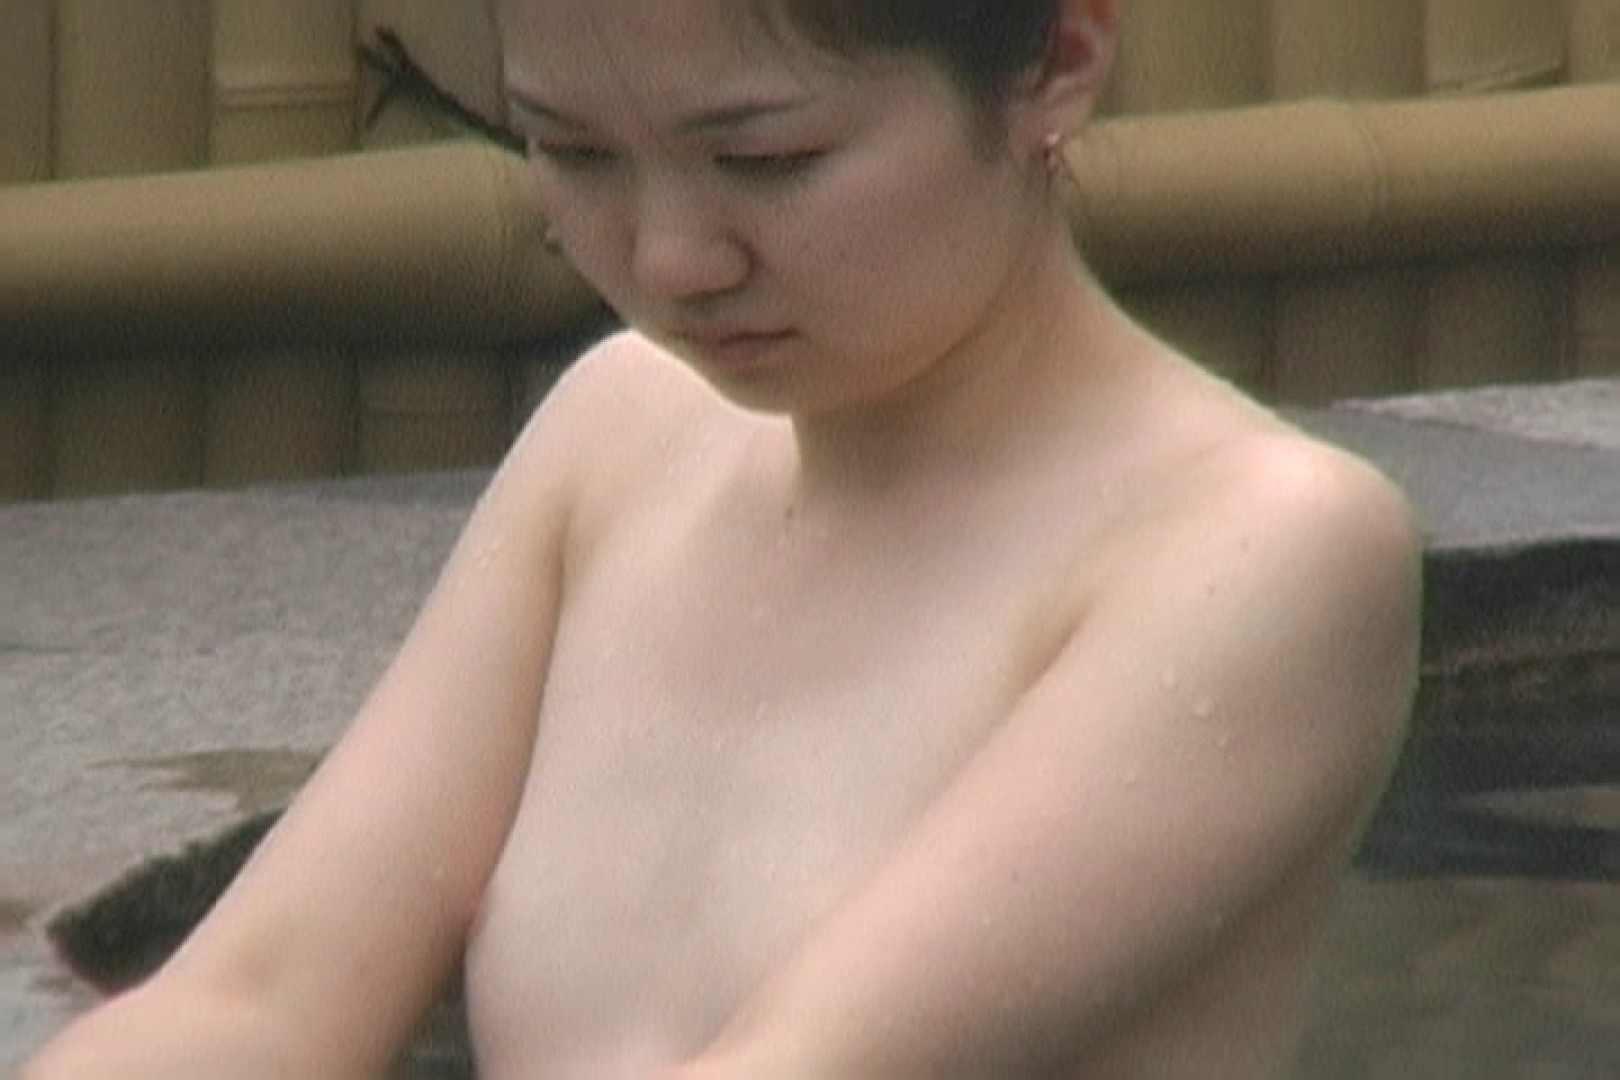 Aquaな露天風呂Vol.641 盗撮シリーズ  112PIX 42